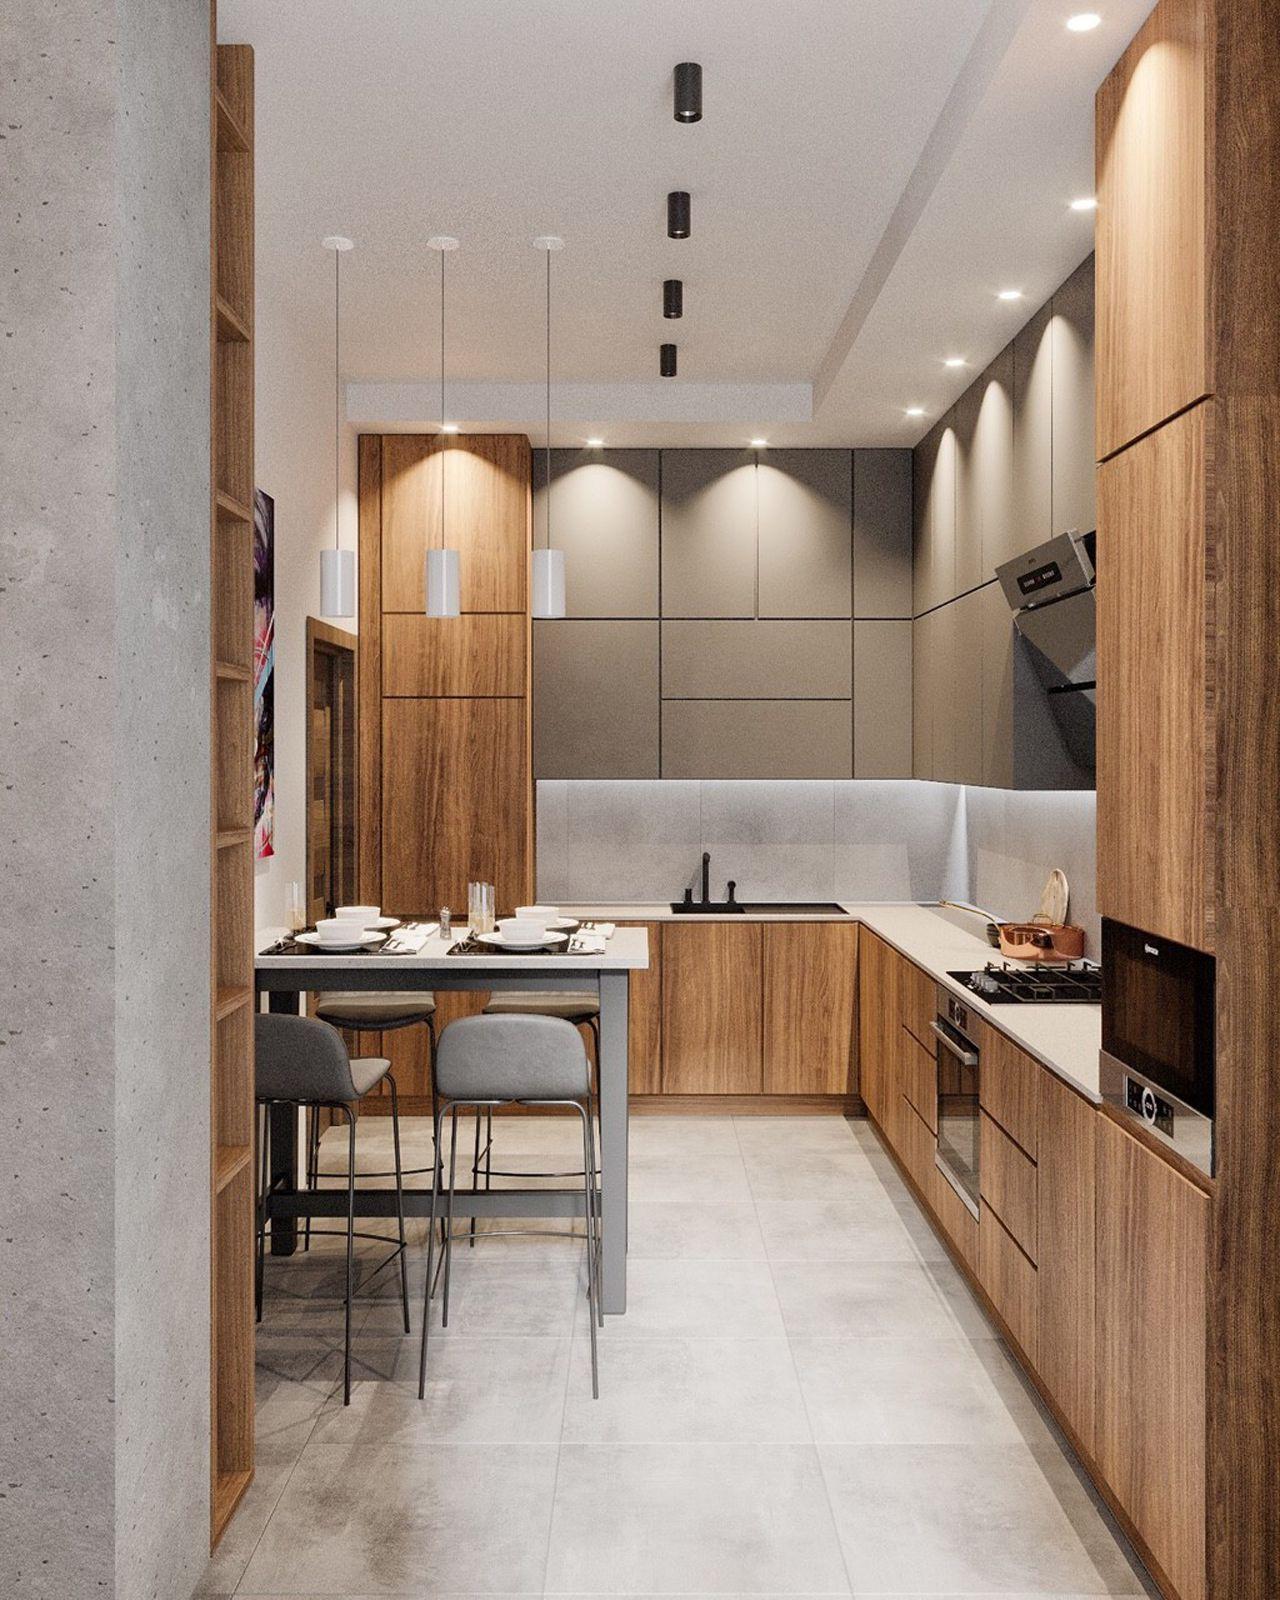 Thiết kế nội thất phong cách hiện đại - phòng bếp 004